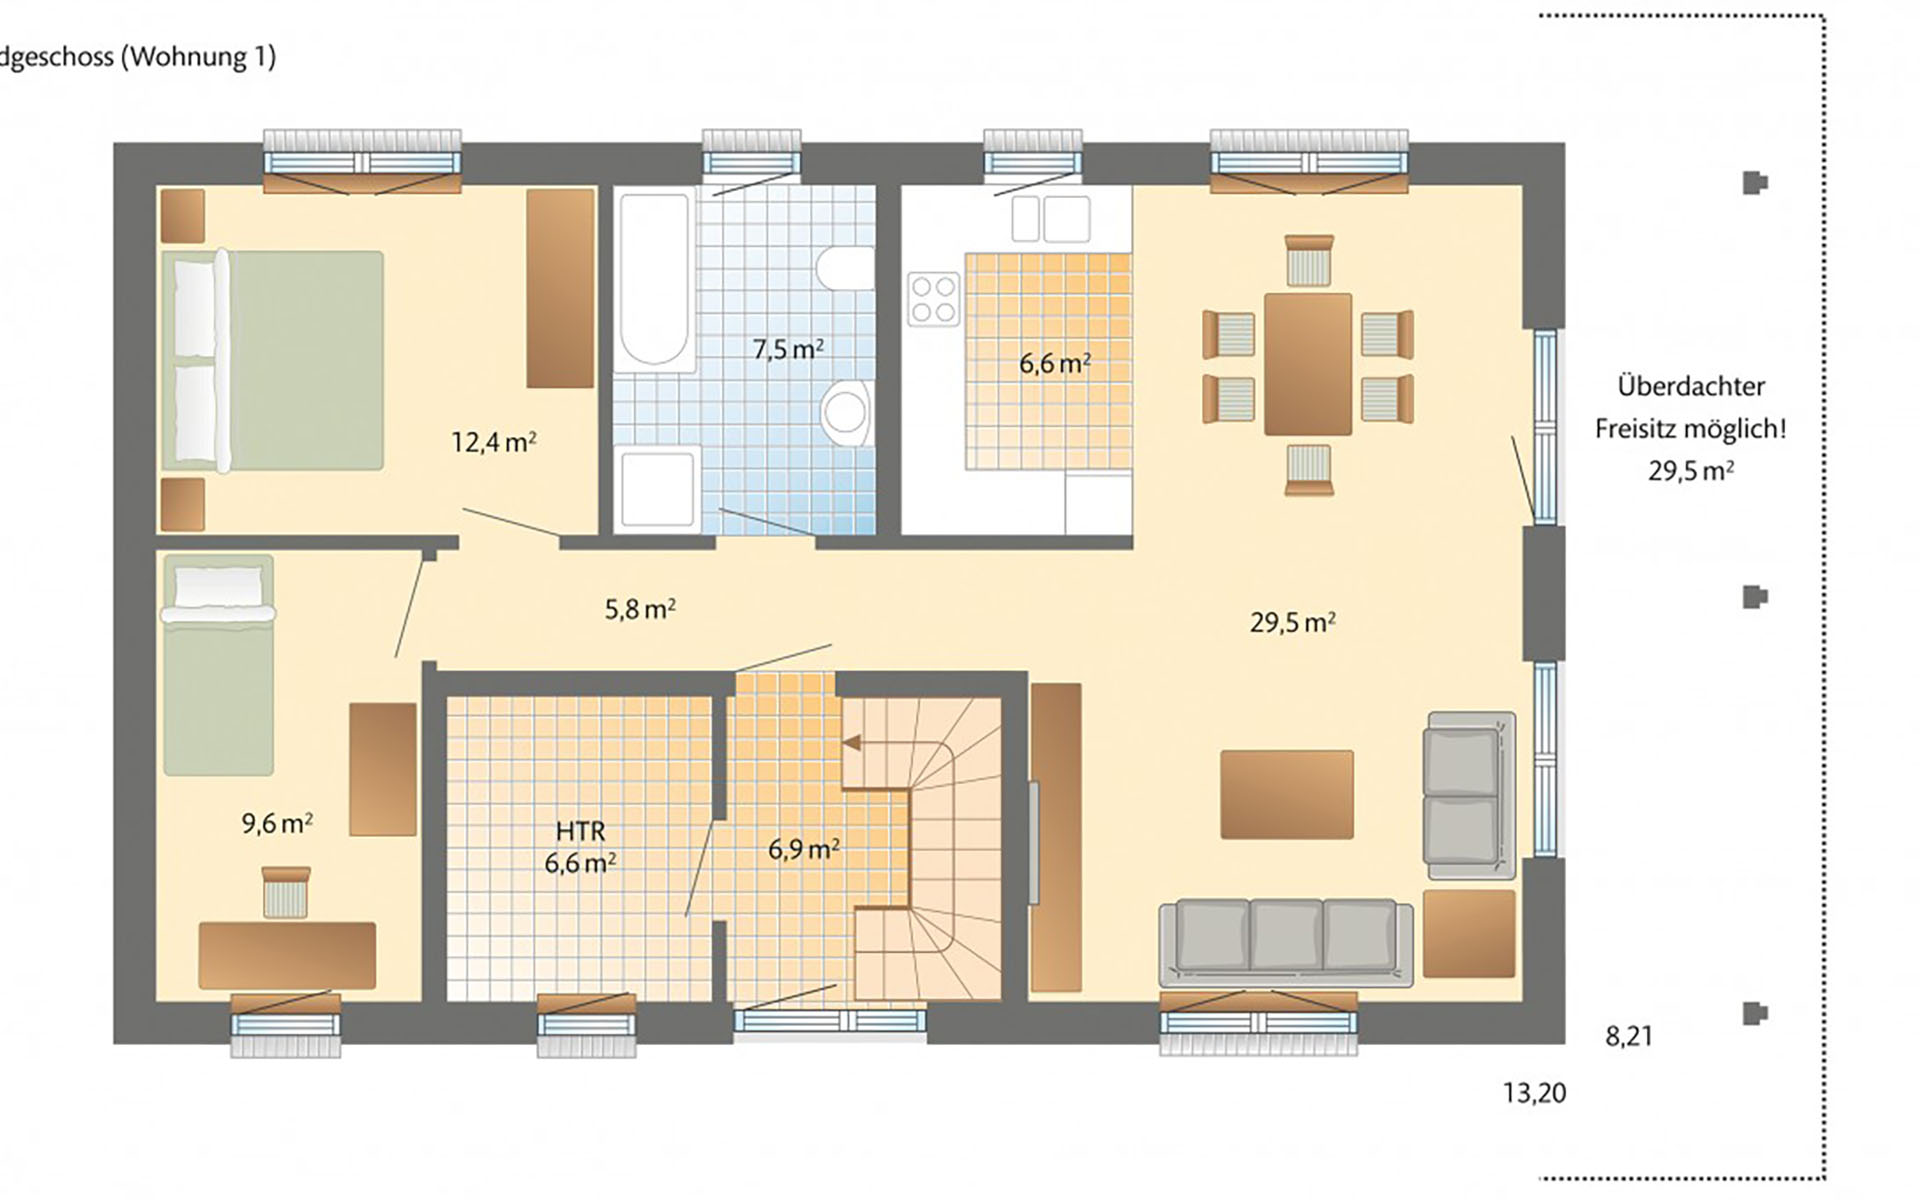 Erdgeschoss Helsinki von Danhaus GmbH